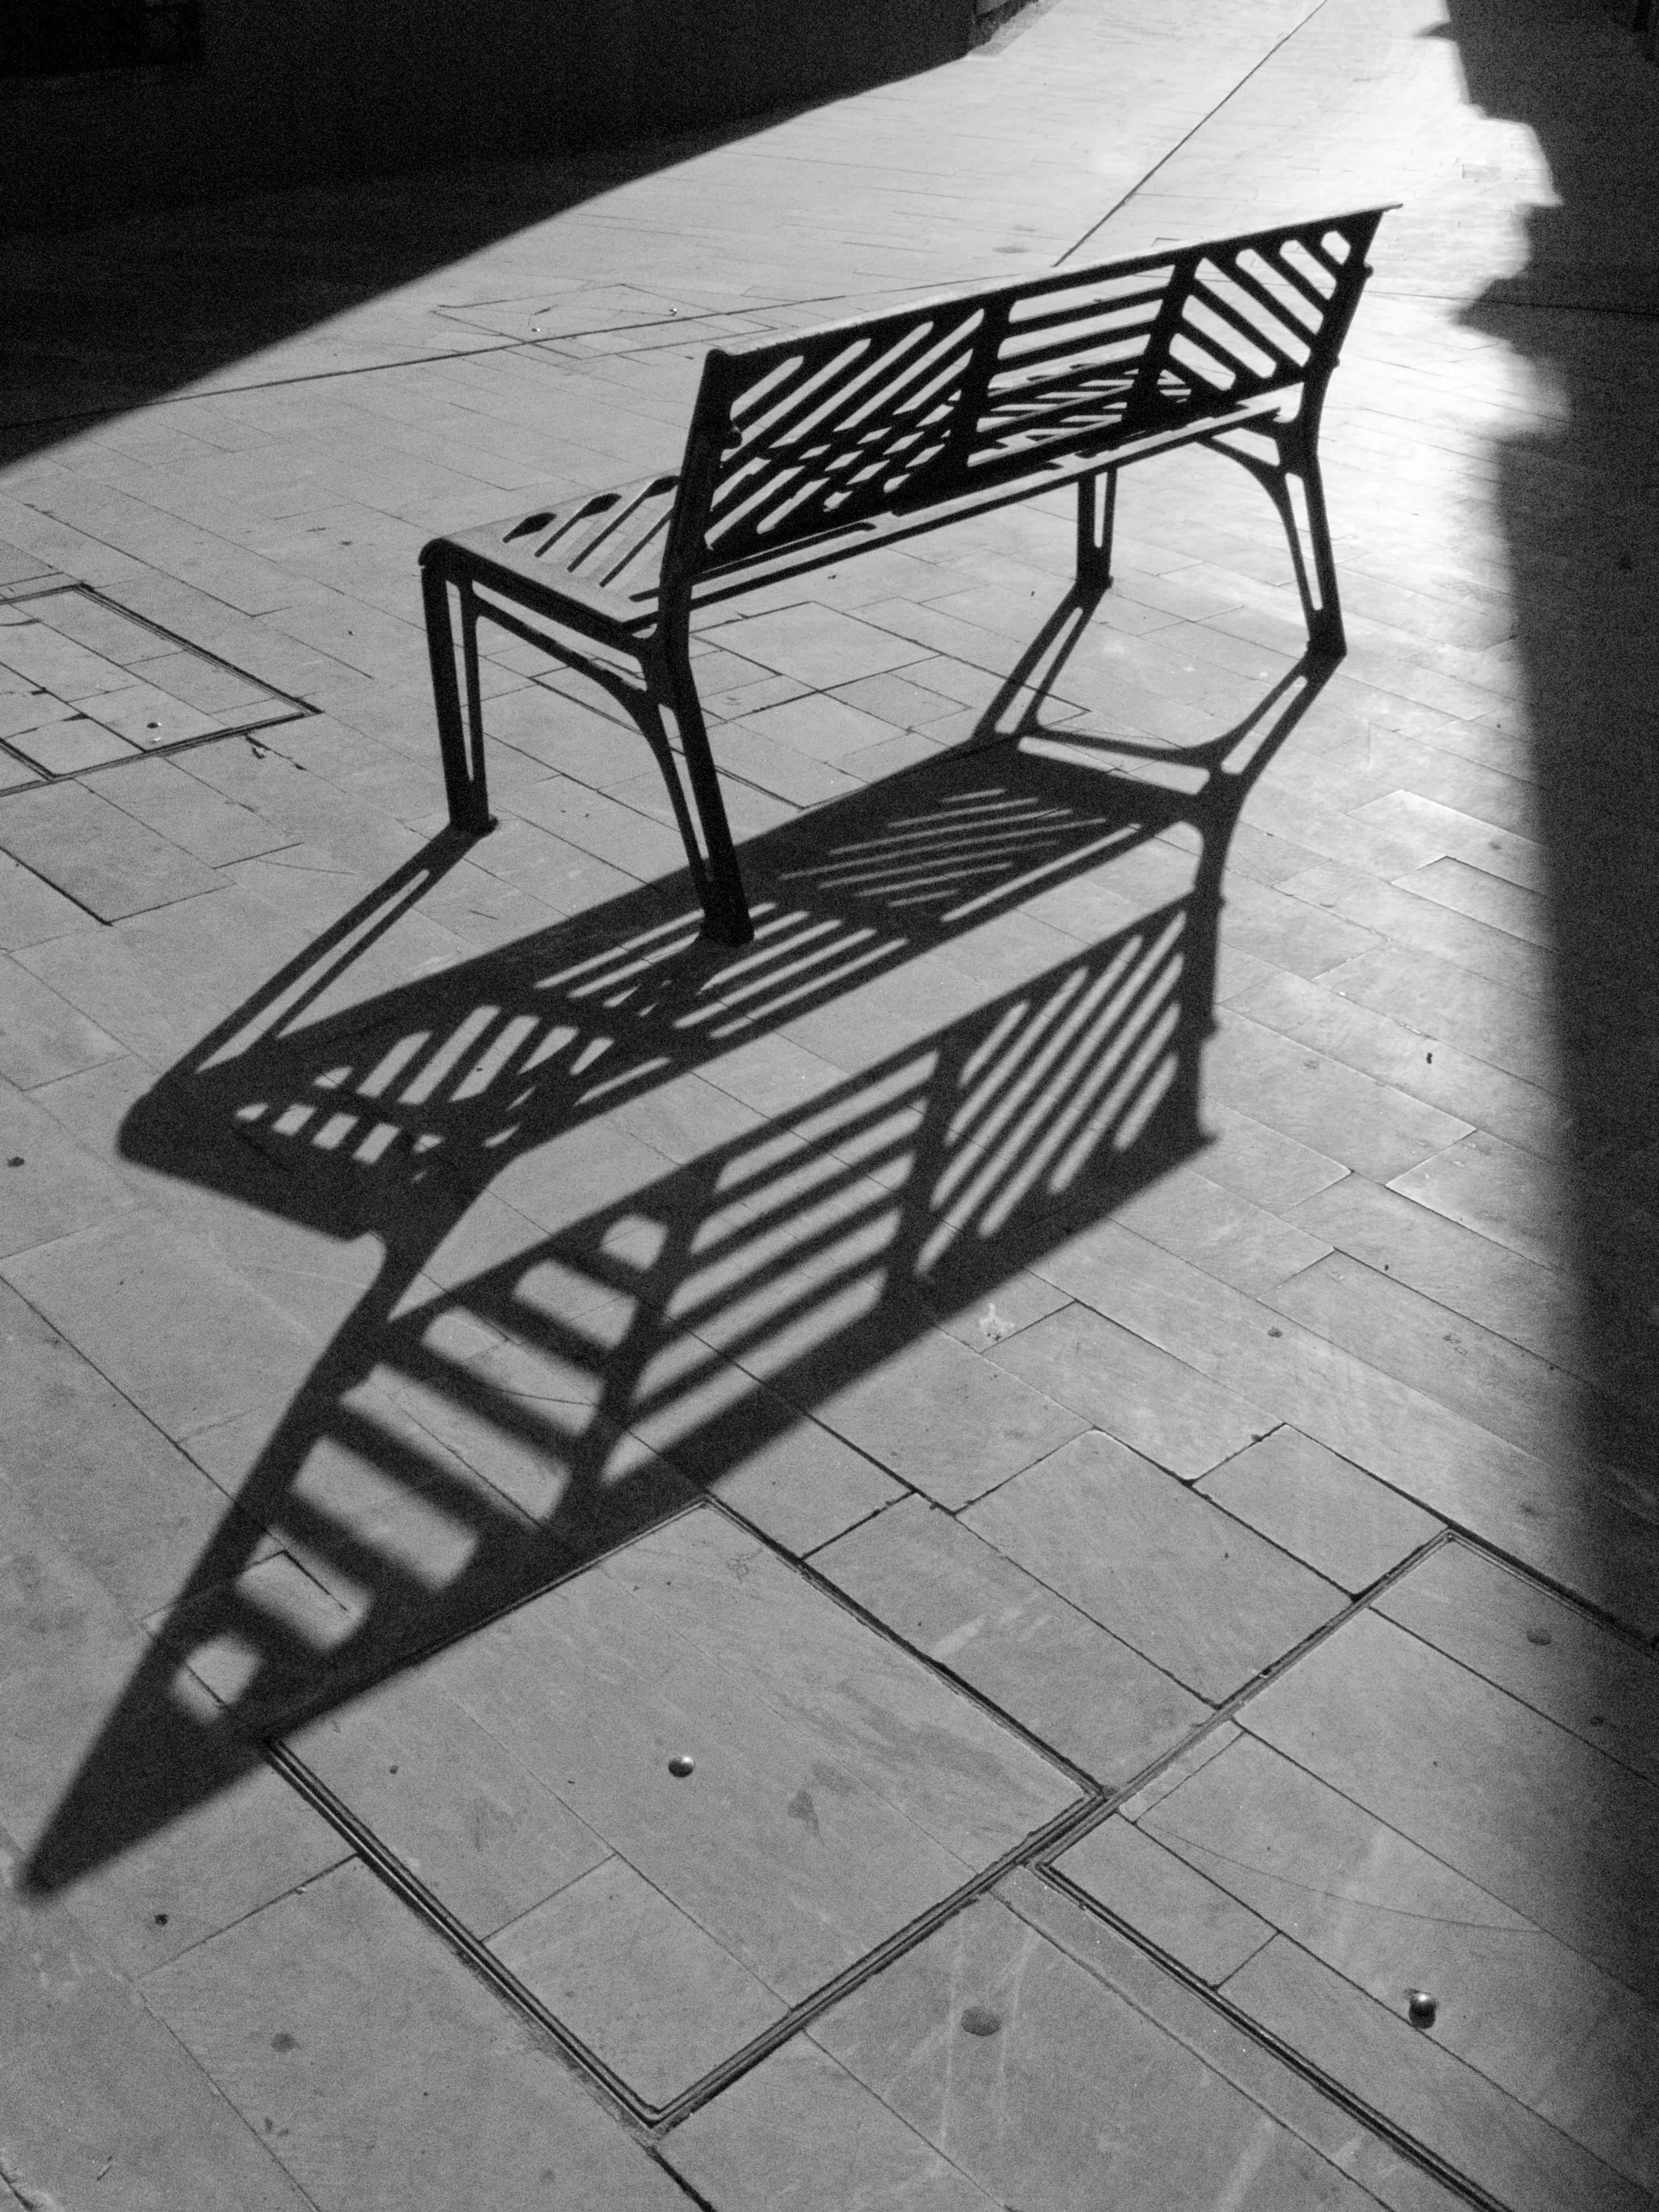 무료 이미지 : 표, 비행, 검정색과 흰색, 목재, 화이트, 의자, 바닥 ...